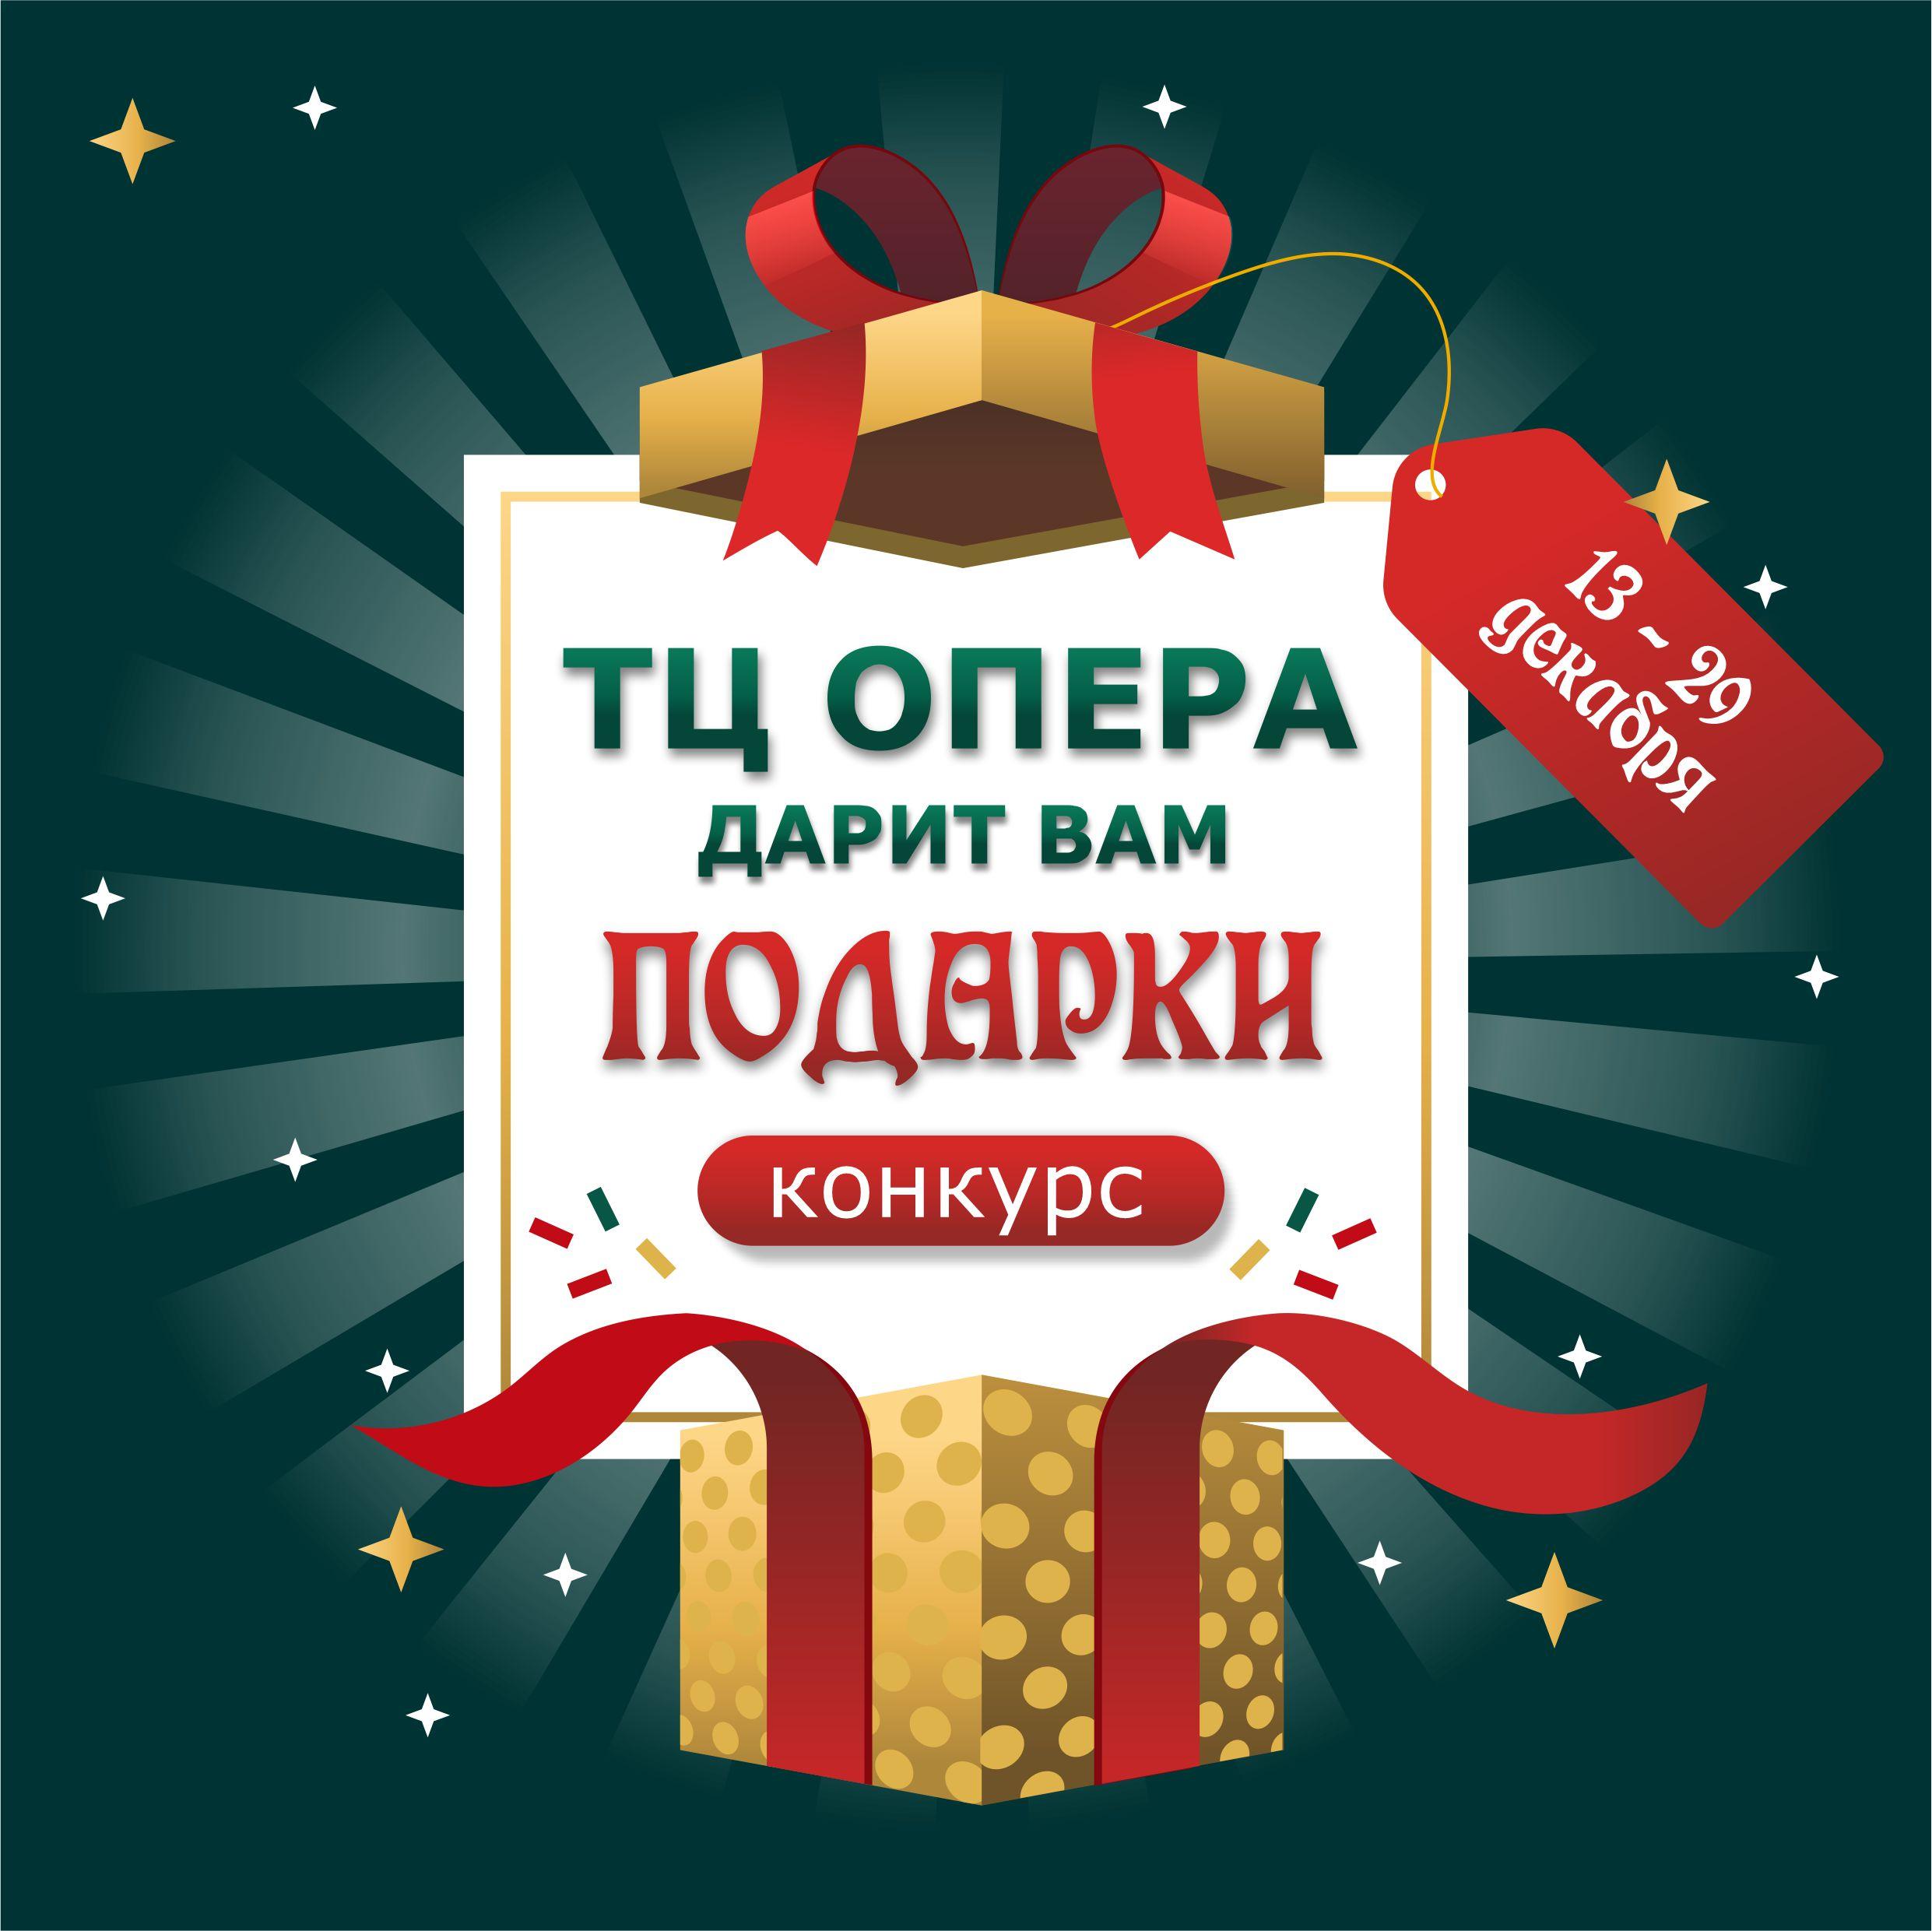 ТЦ ОПЕРА дарит подарки!